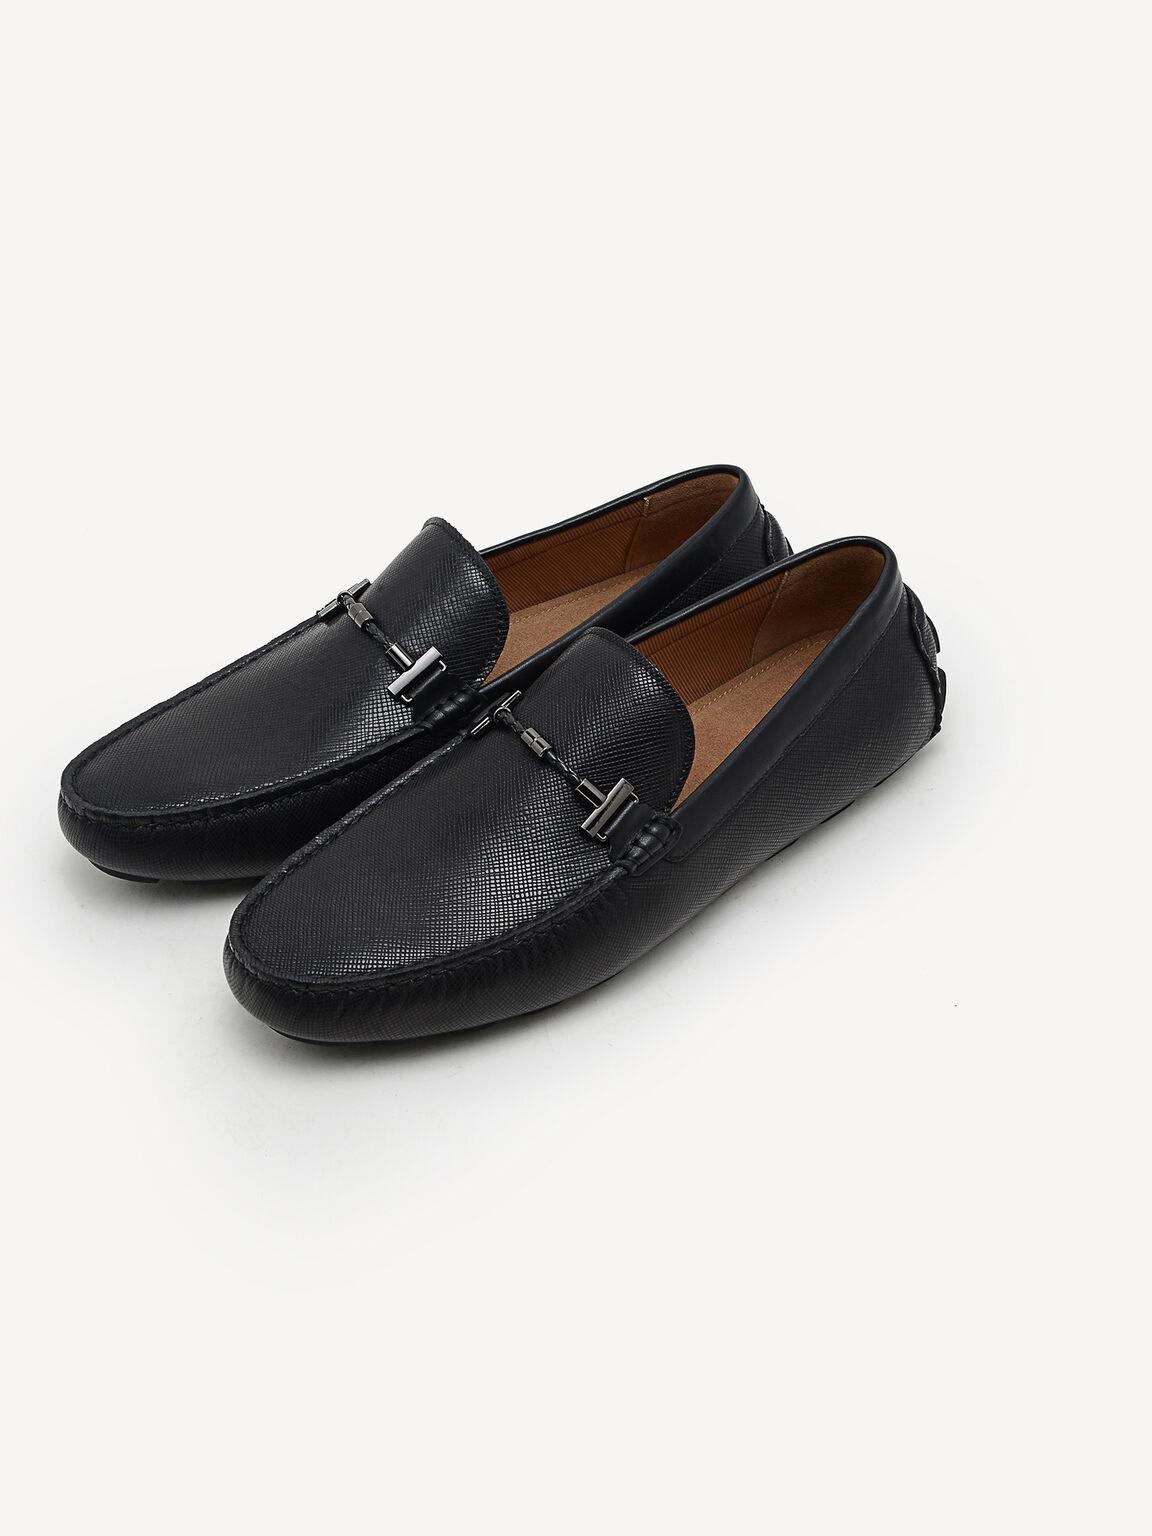 Leather Moccasins, Black, hi-res